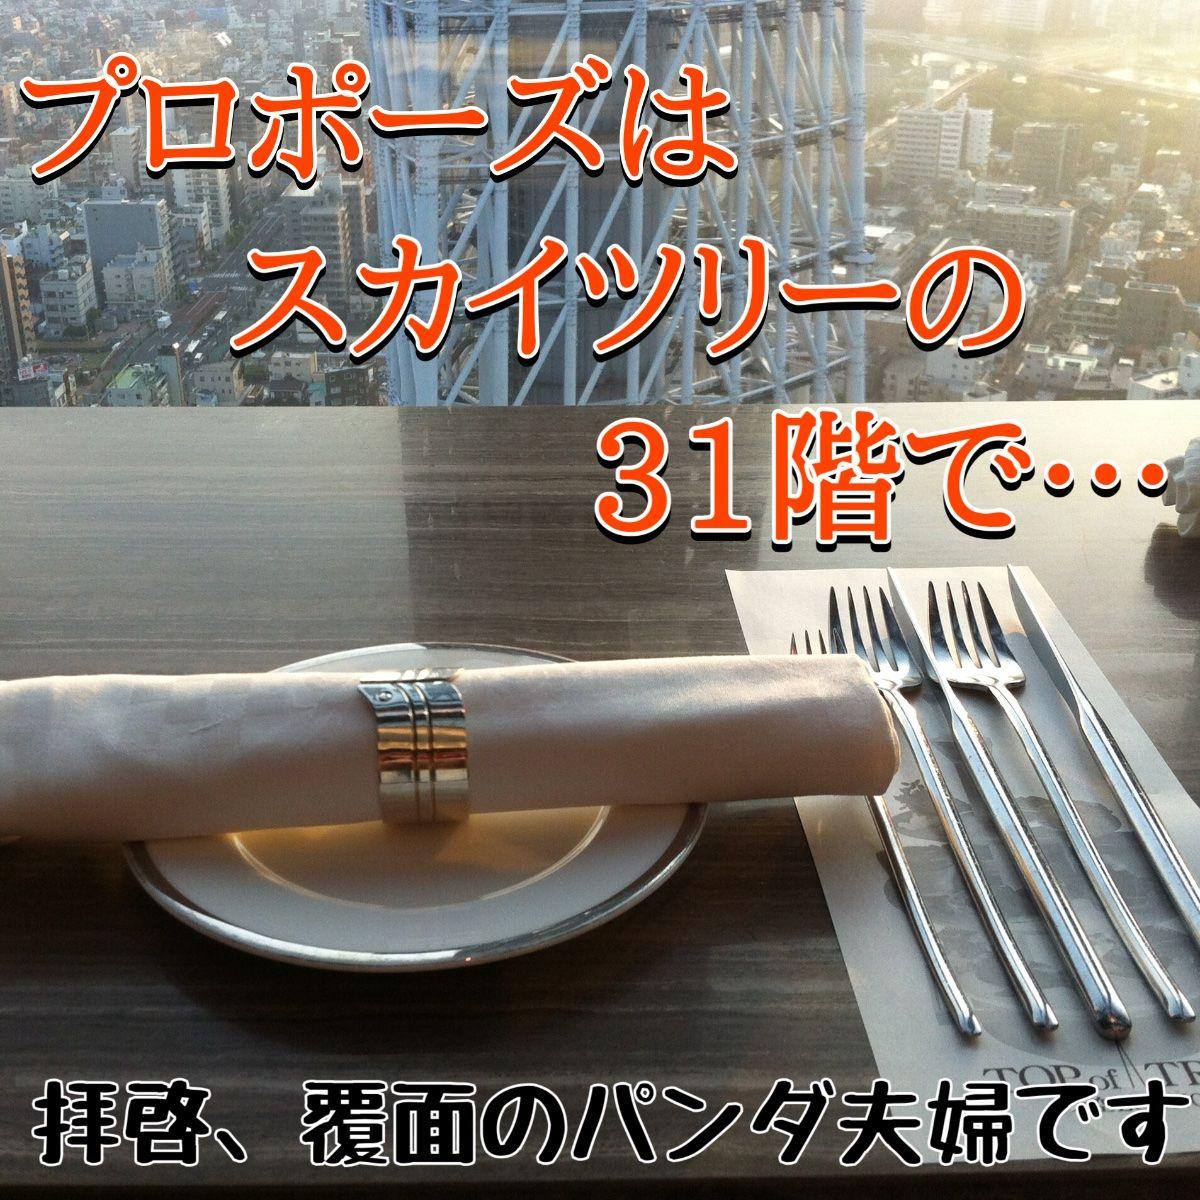 【東京でプロポーズするならこの絶景レストランで決まり!】スカイツリーの東京ソラマチ『天空LOUNGE OF TREE』はプロポーズに最高すぎた件